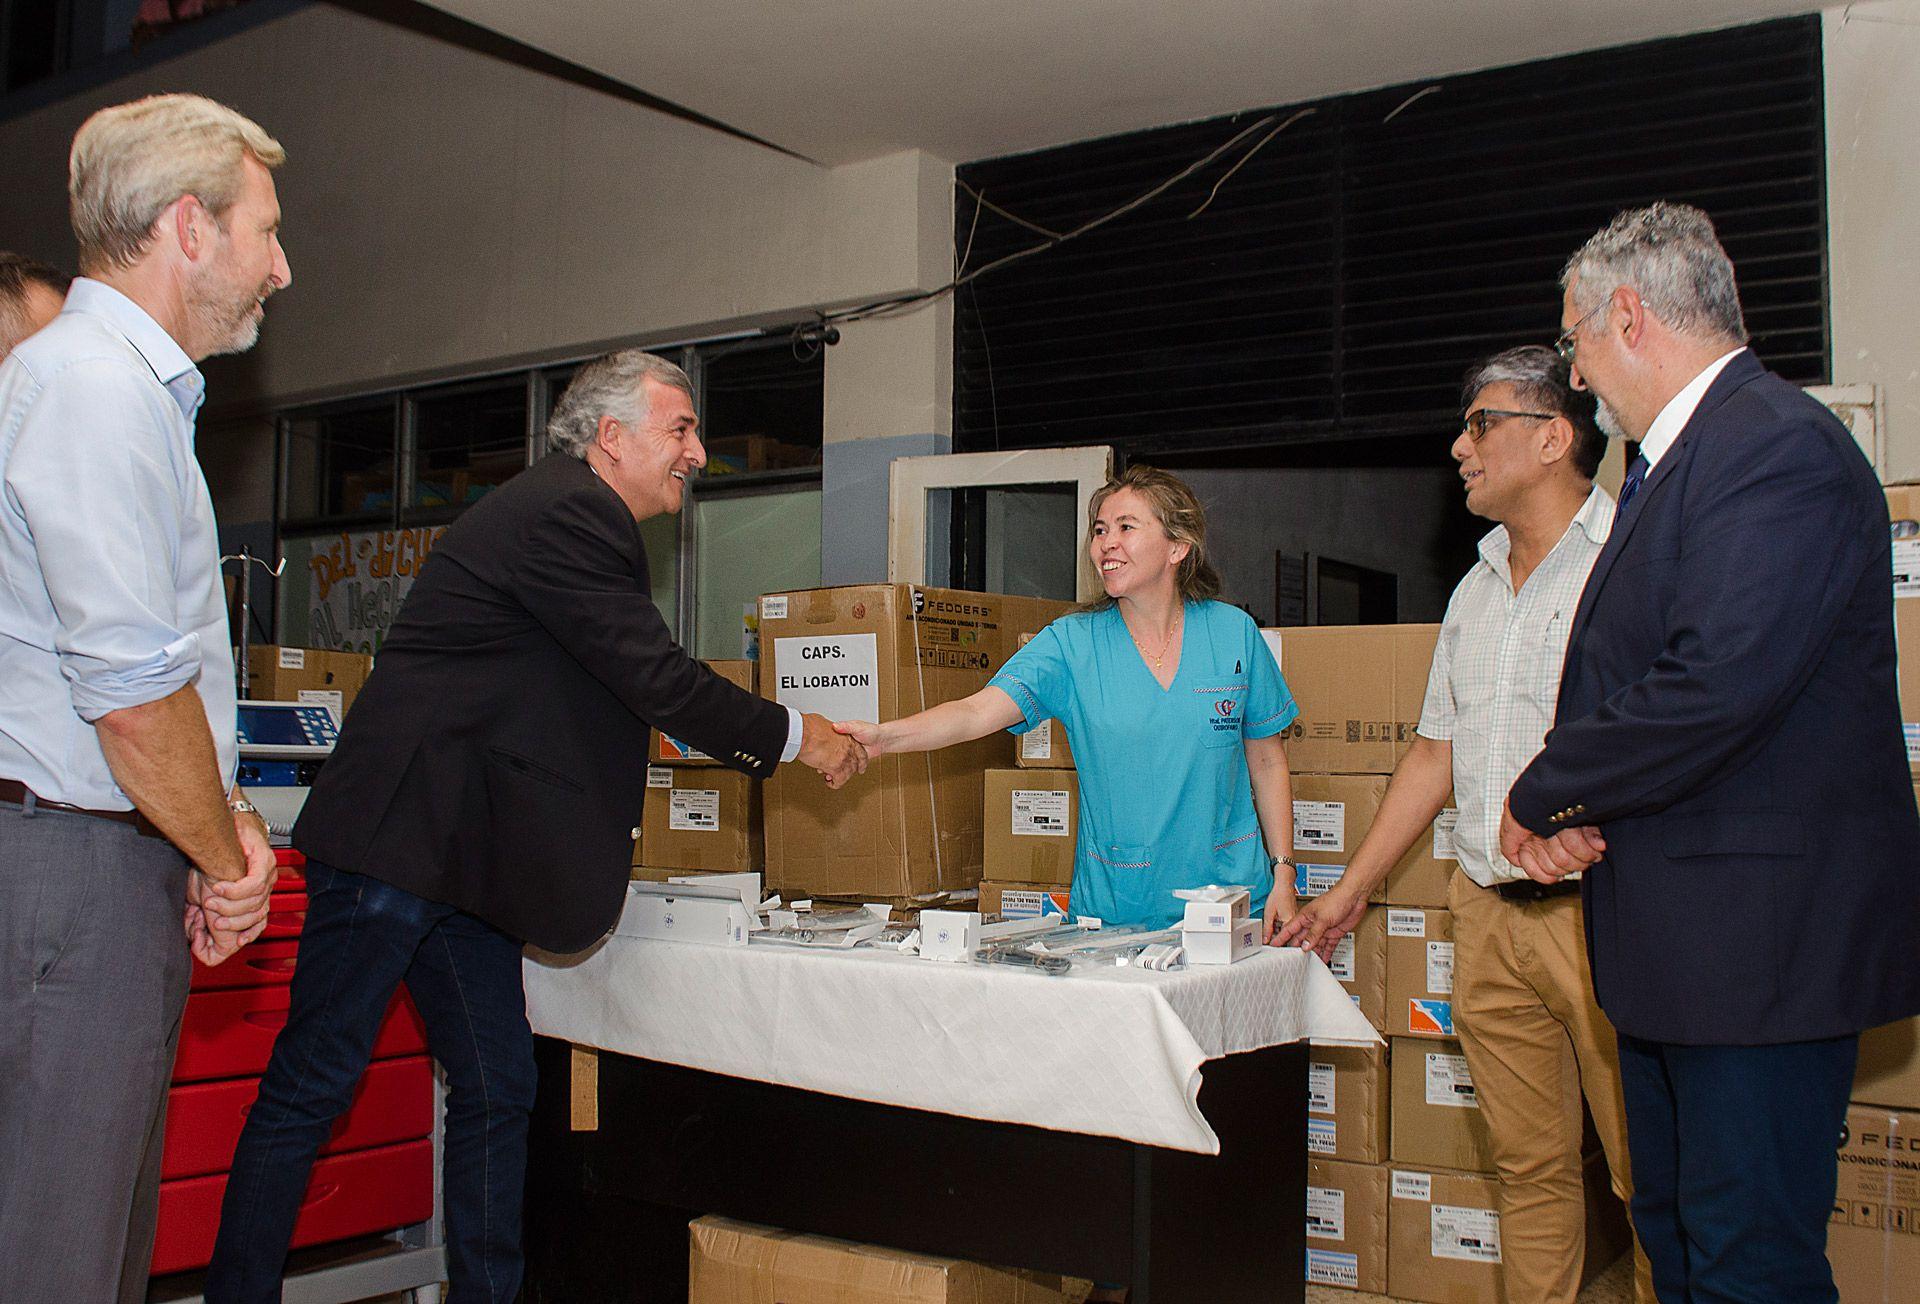 El Gobernador Gerardo Morales Entrega equipamiento en hospital Paterson de San Pedro.